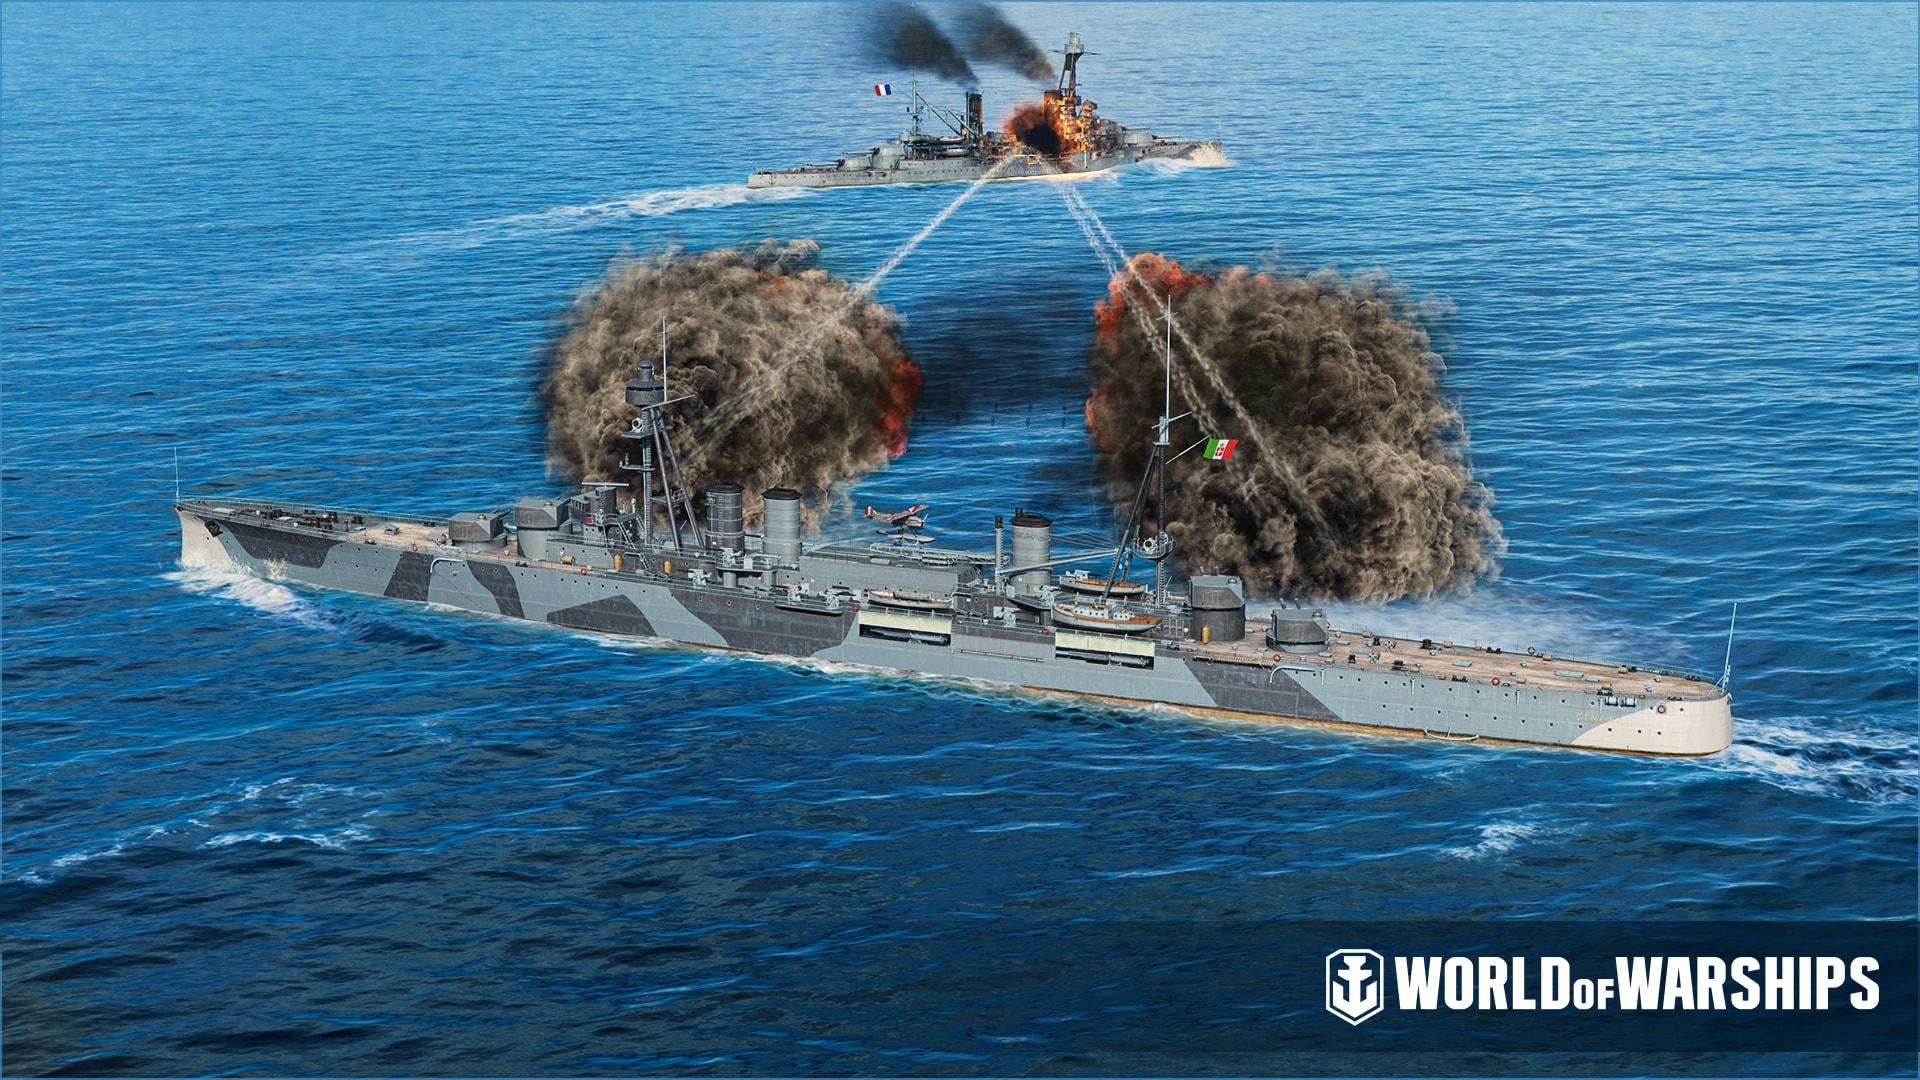 World of Warships Starter pack (DLC) - Wargaming Key - GLOBAL - 2